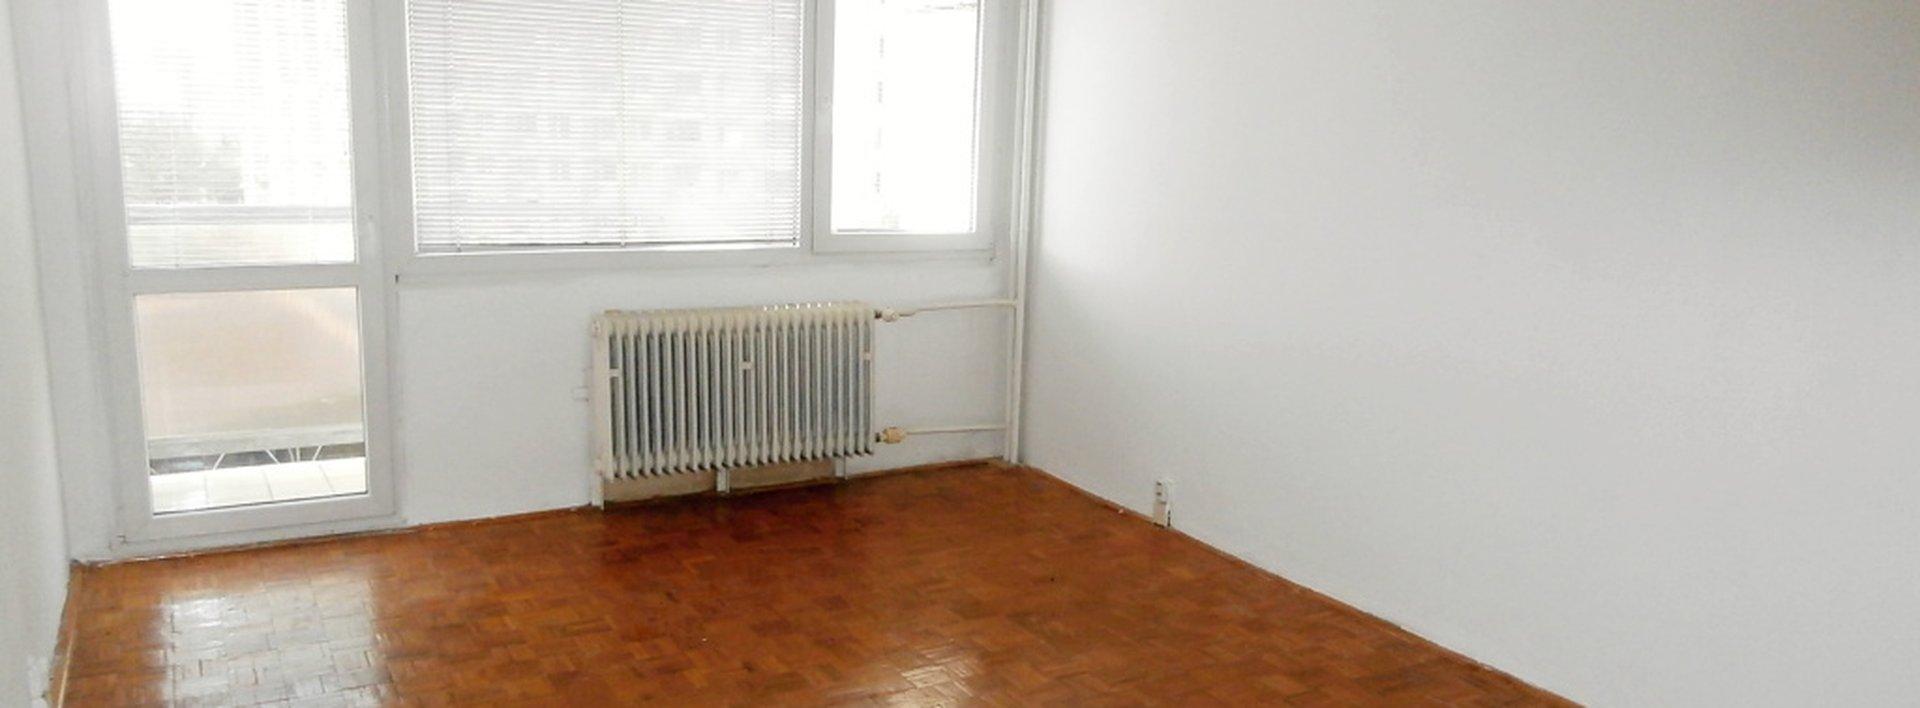 Prodej prostorného bezbariérového bytu 2+1 v Jablonci n. Nisou, Ev.č.: N47140